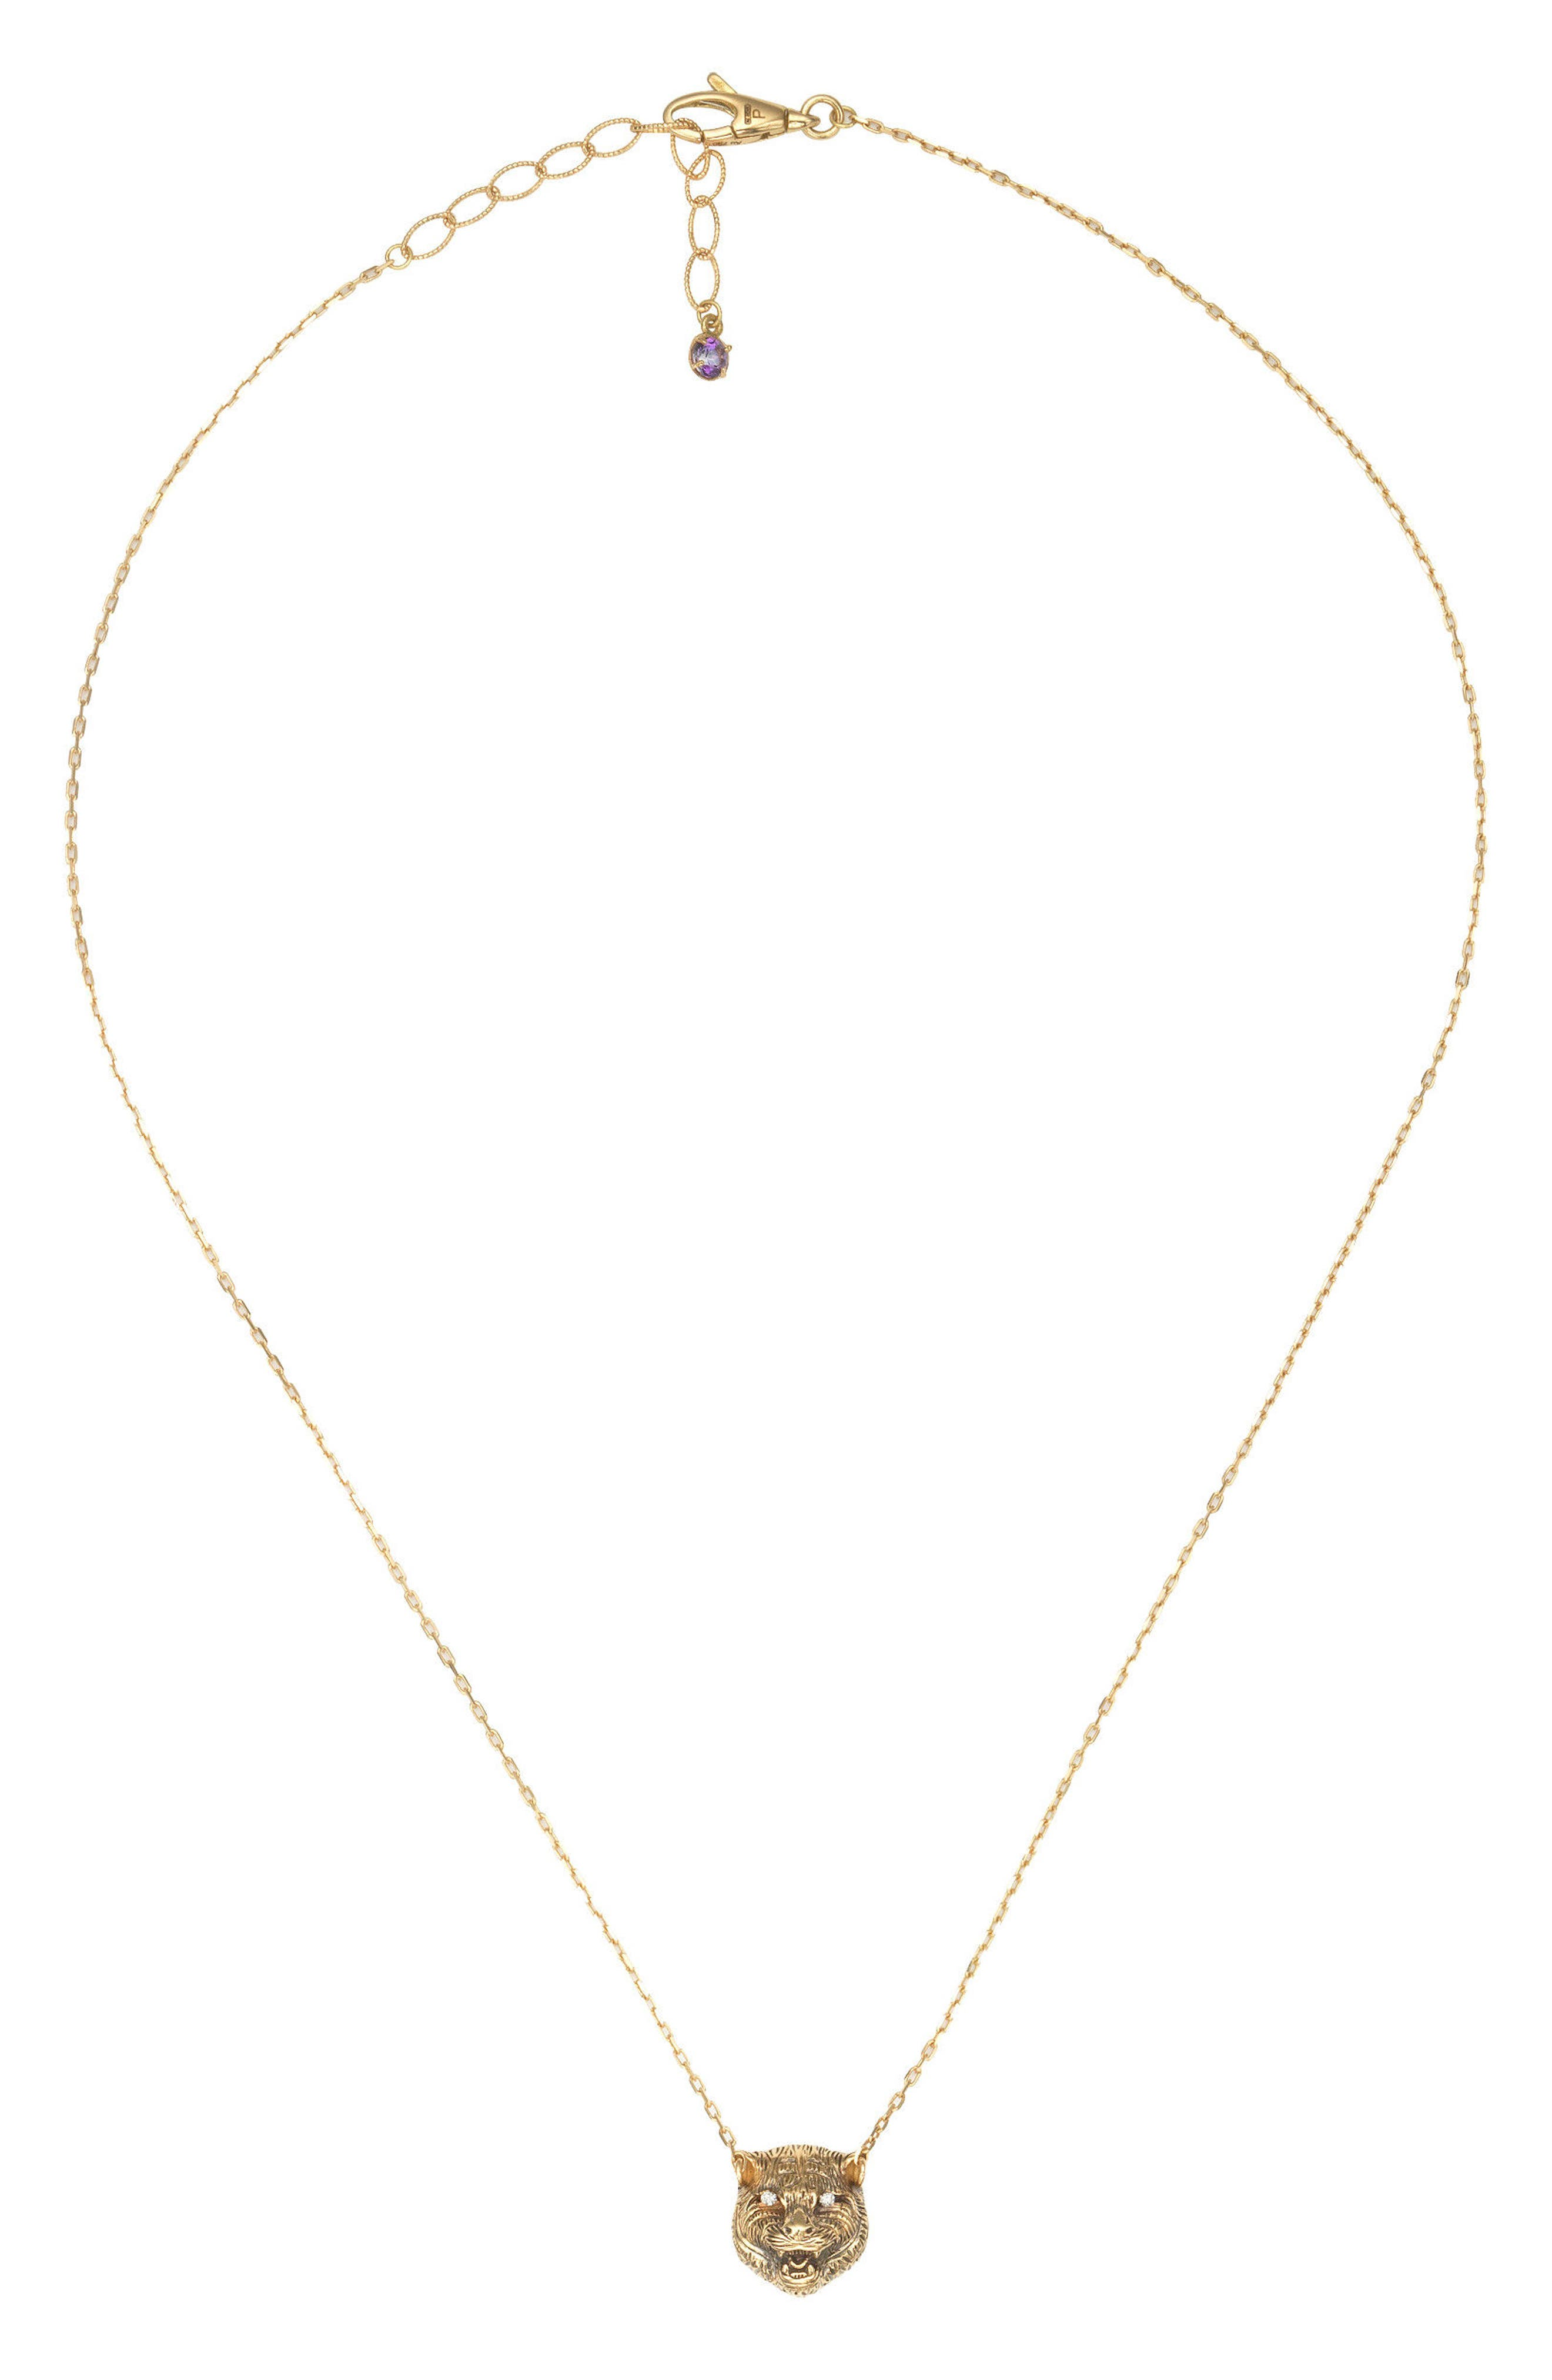 Le Marche Feline Head Pendant Necklace,                             Main thumbnail 1, color,                             YELLOW GOLD/ PURPLE